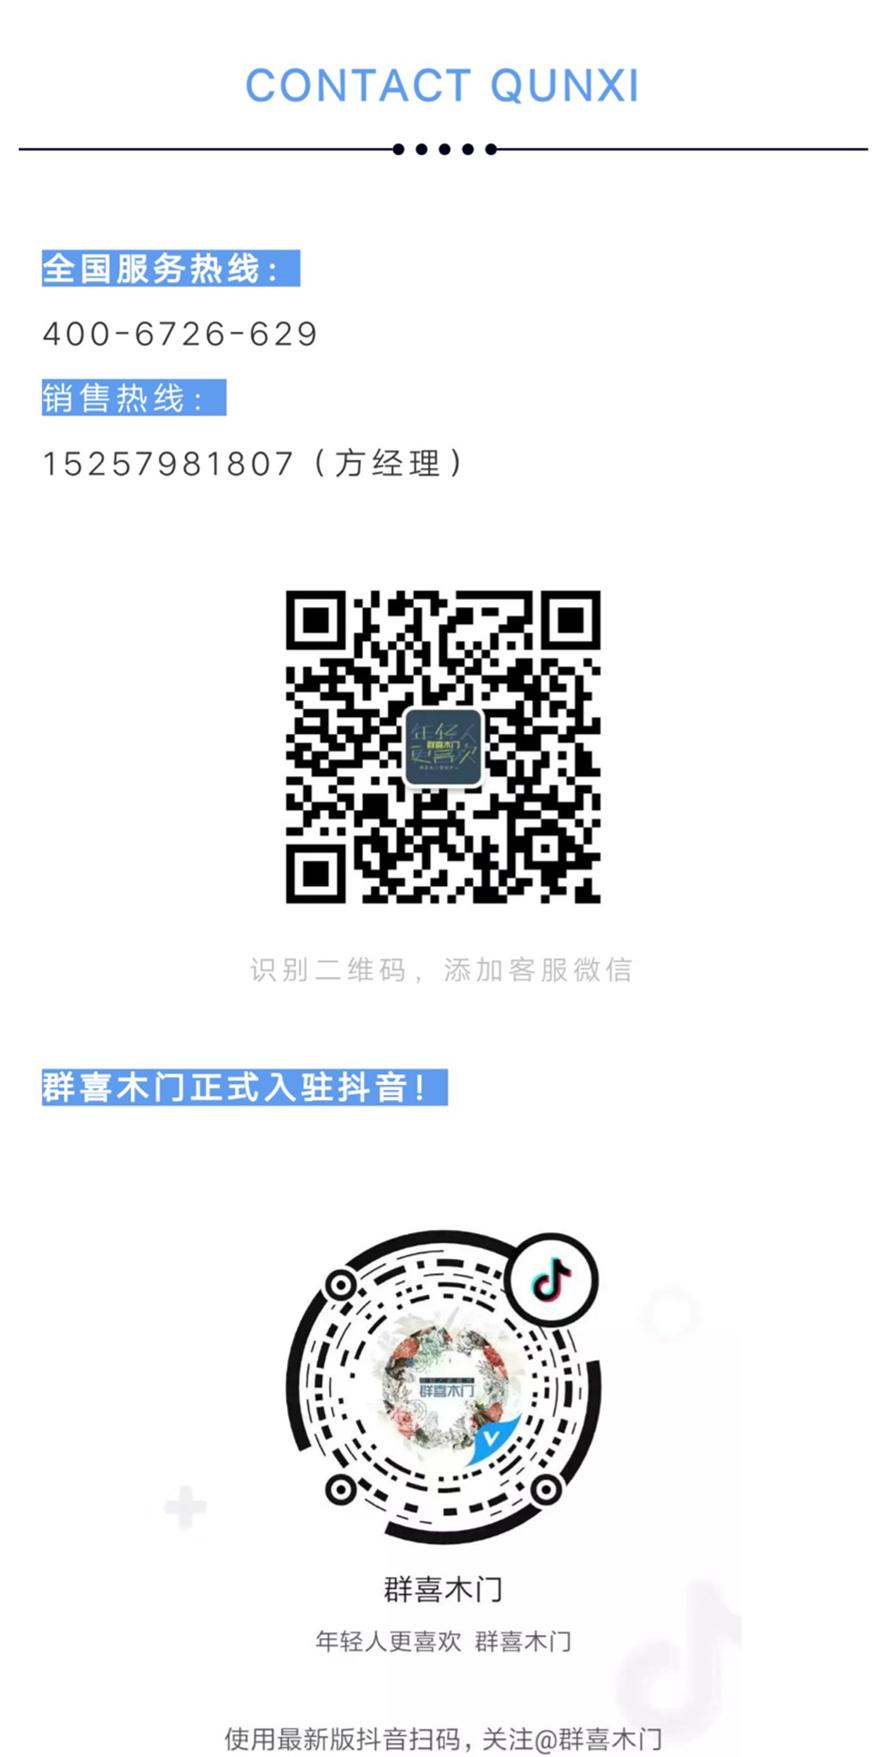 微信图片_201912031537021.jpg